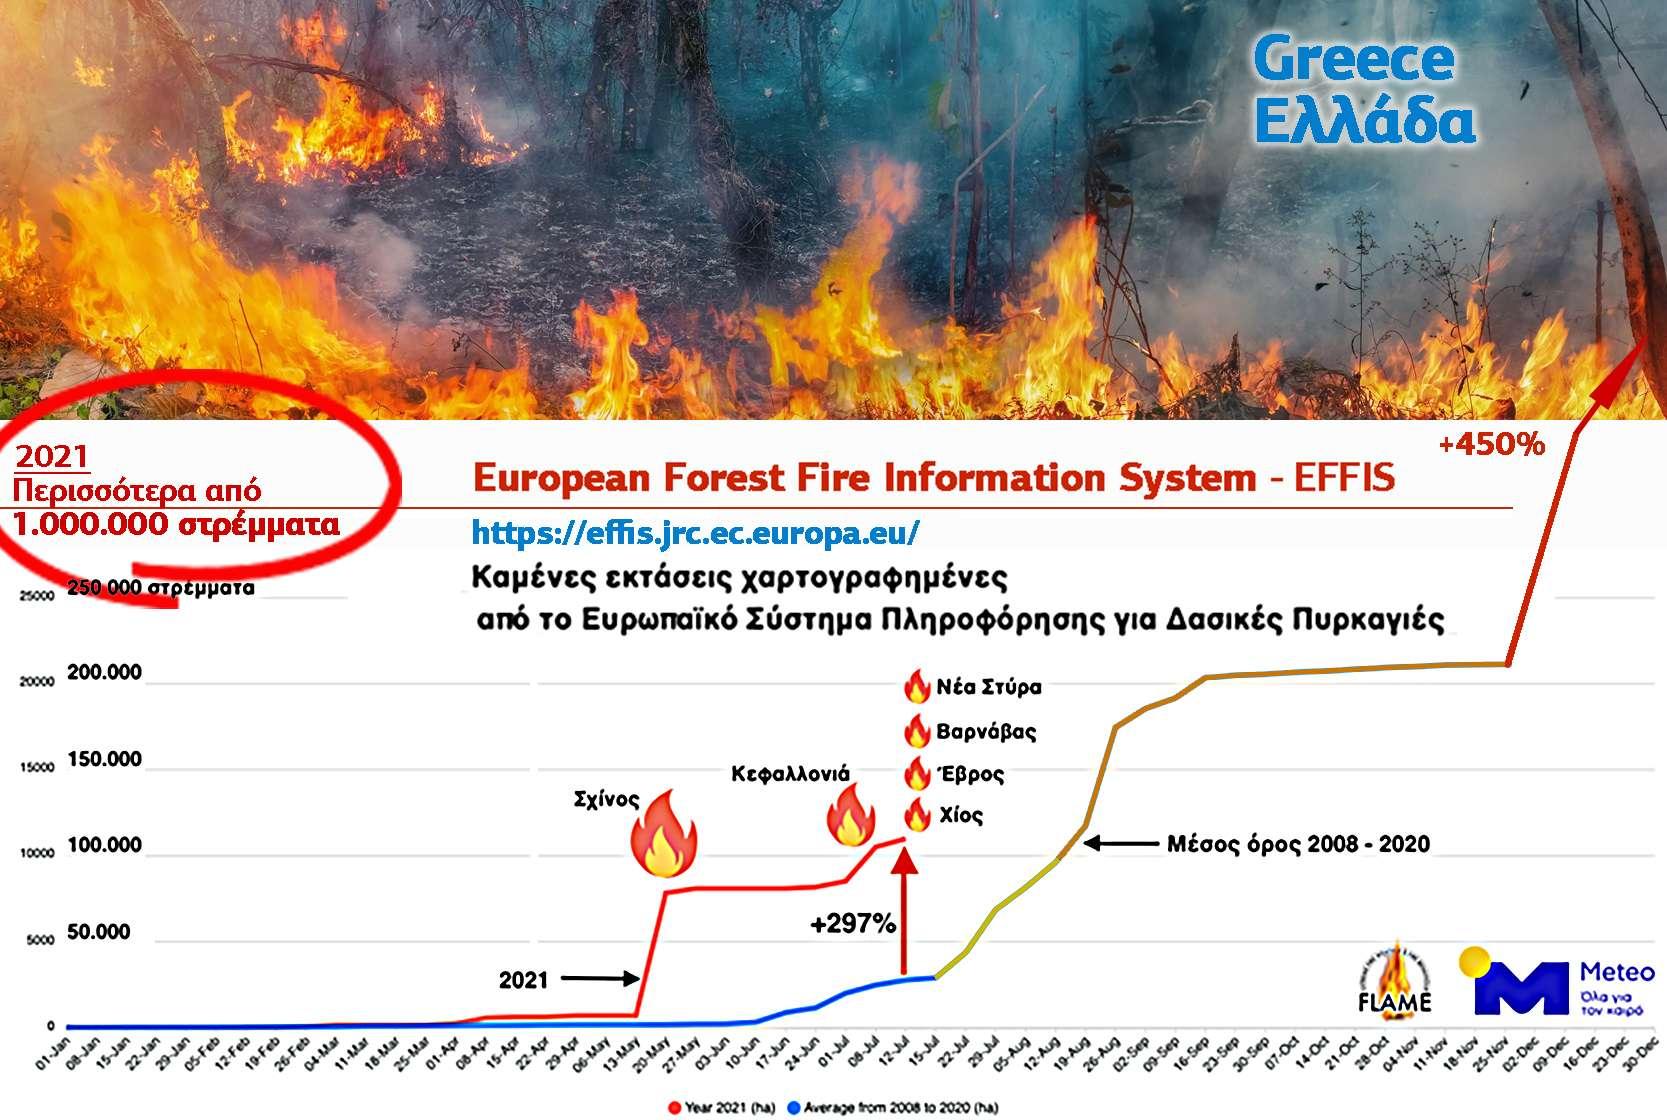 Ελλάδα Πυρκαγιές Διάγραμμα Meteo.gr + European Forest Fire Information System (EFFIS)